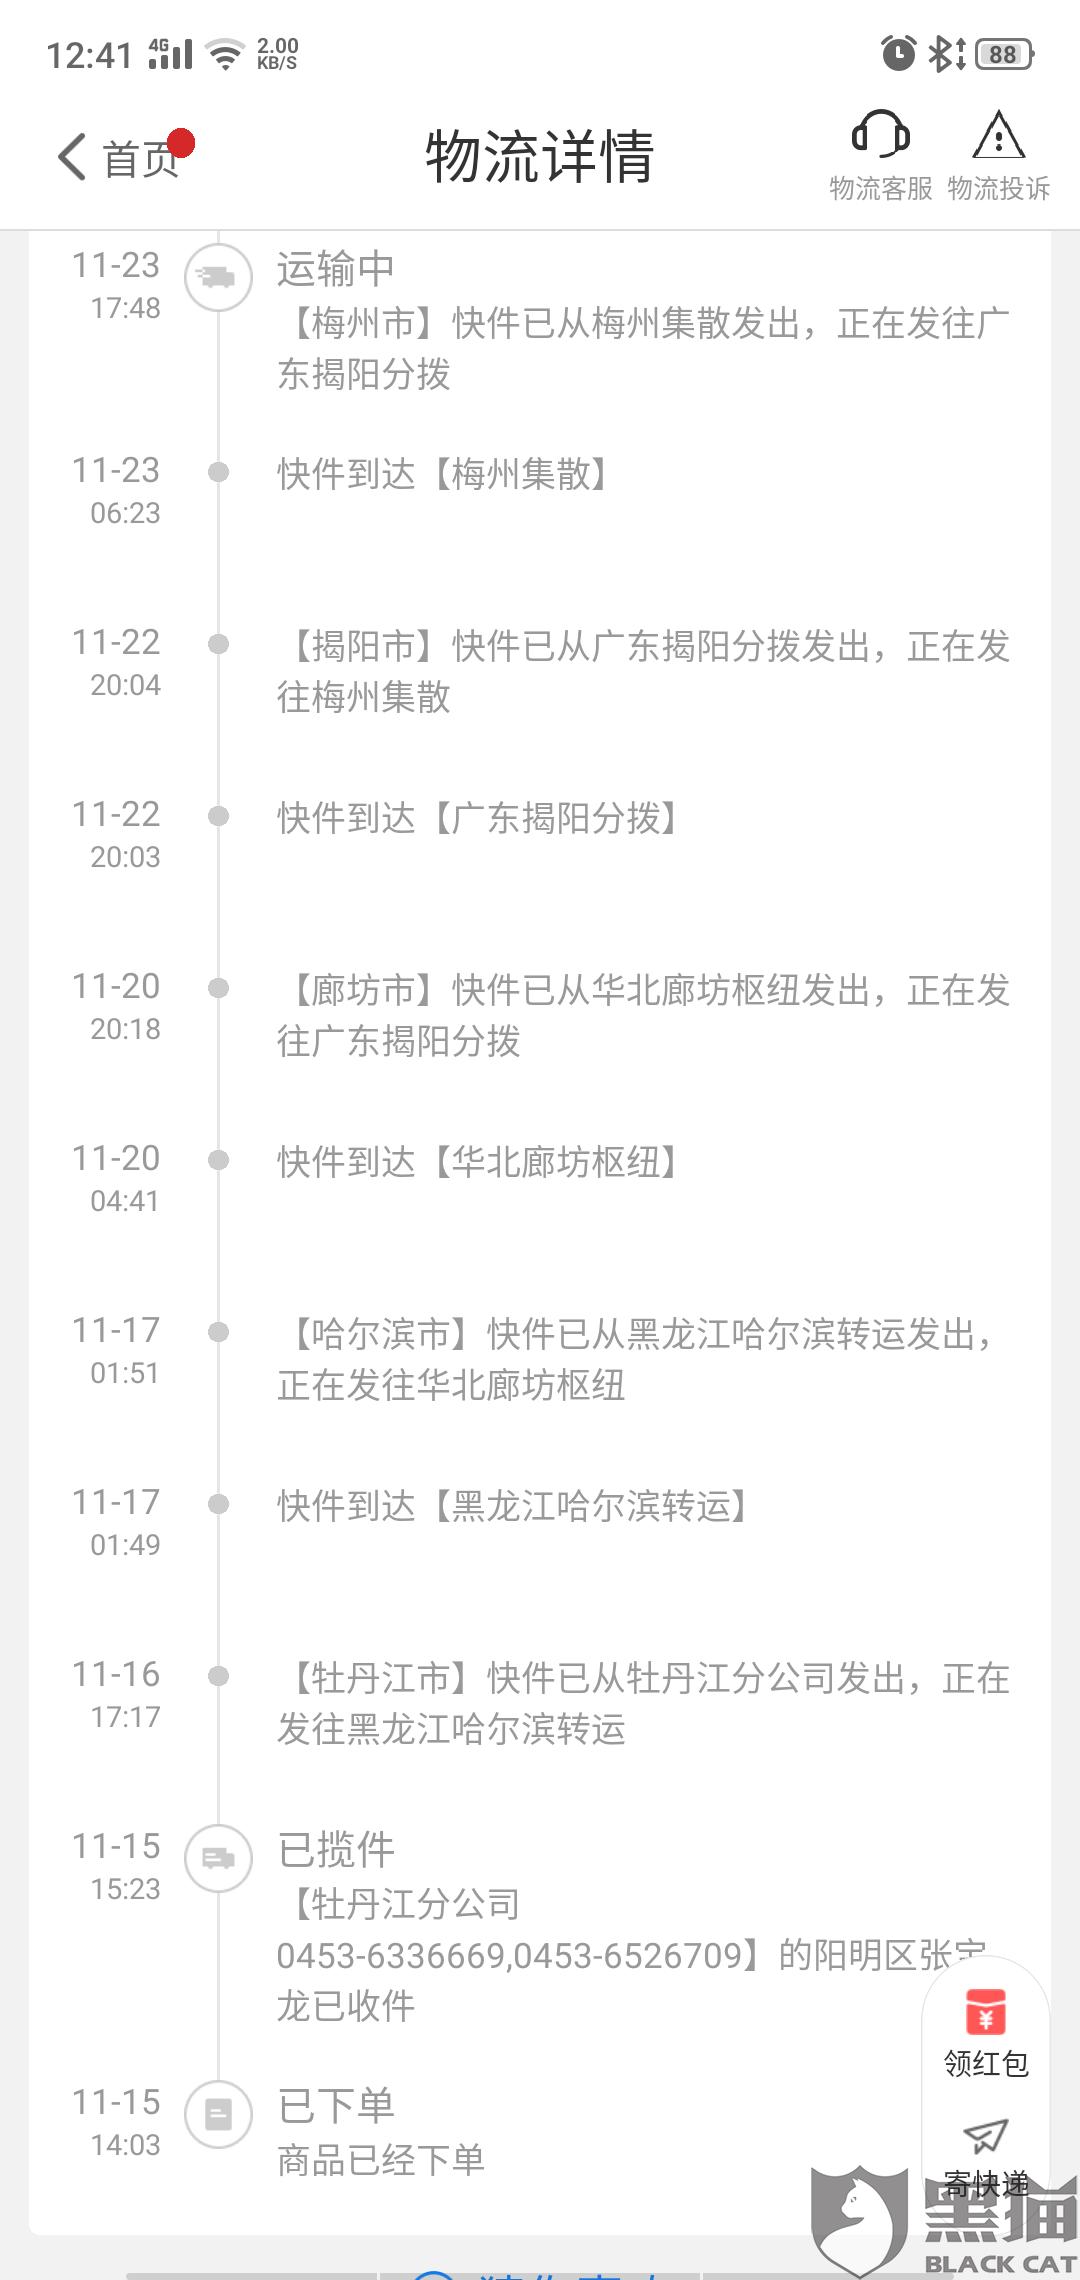 黑猫投诉:天天快递发货超级慢,到达广州后没派送邮件,还把邮件给返回了。